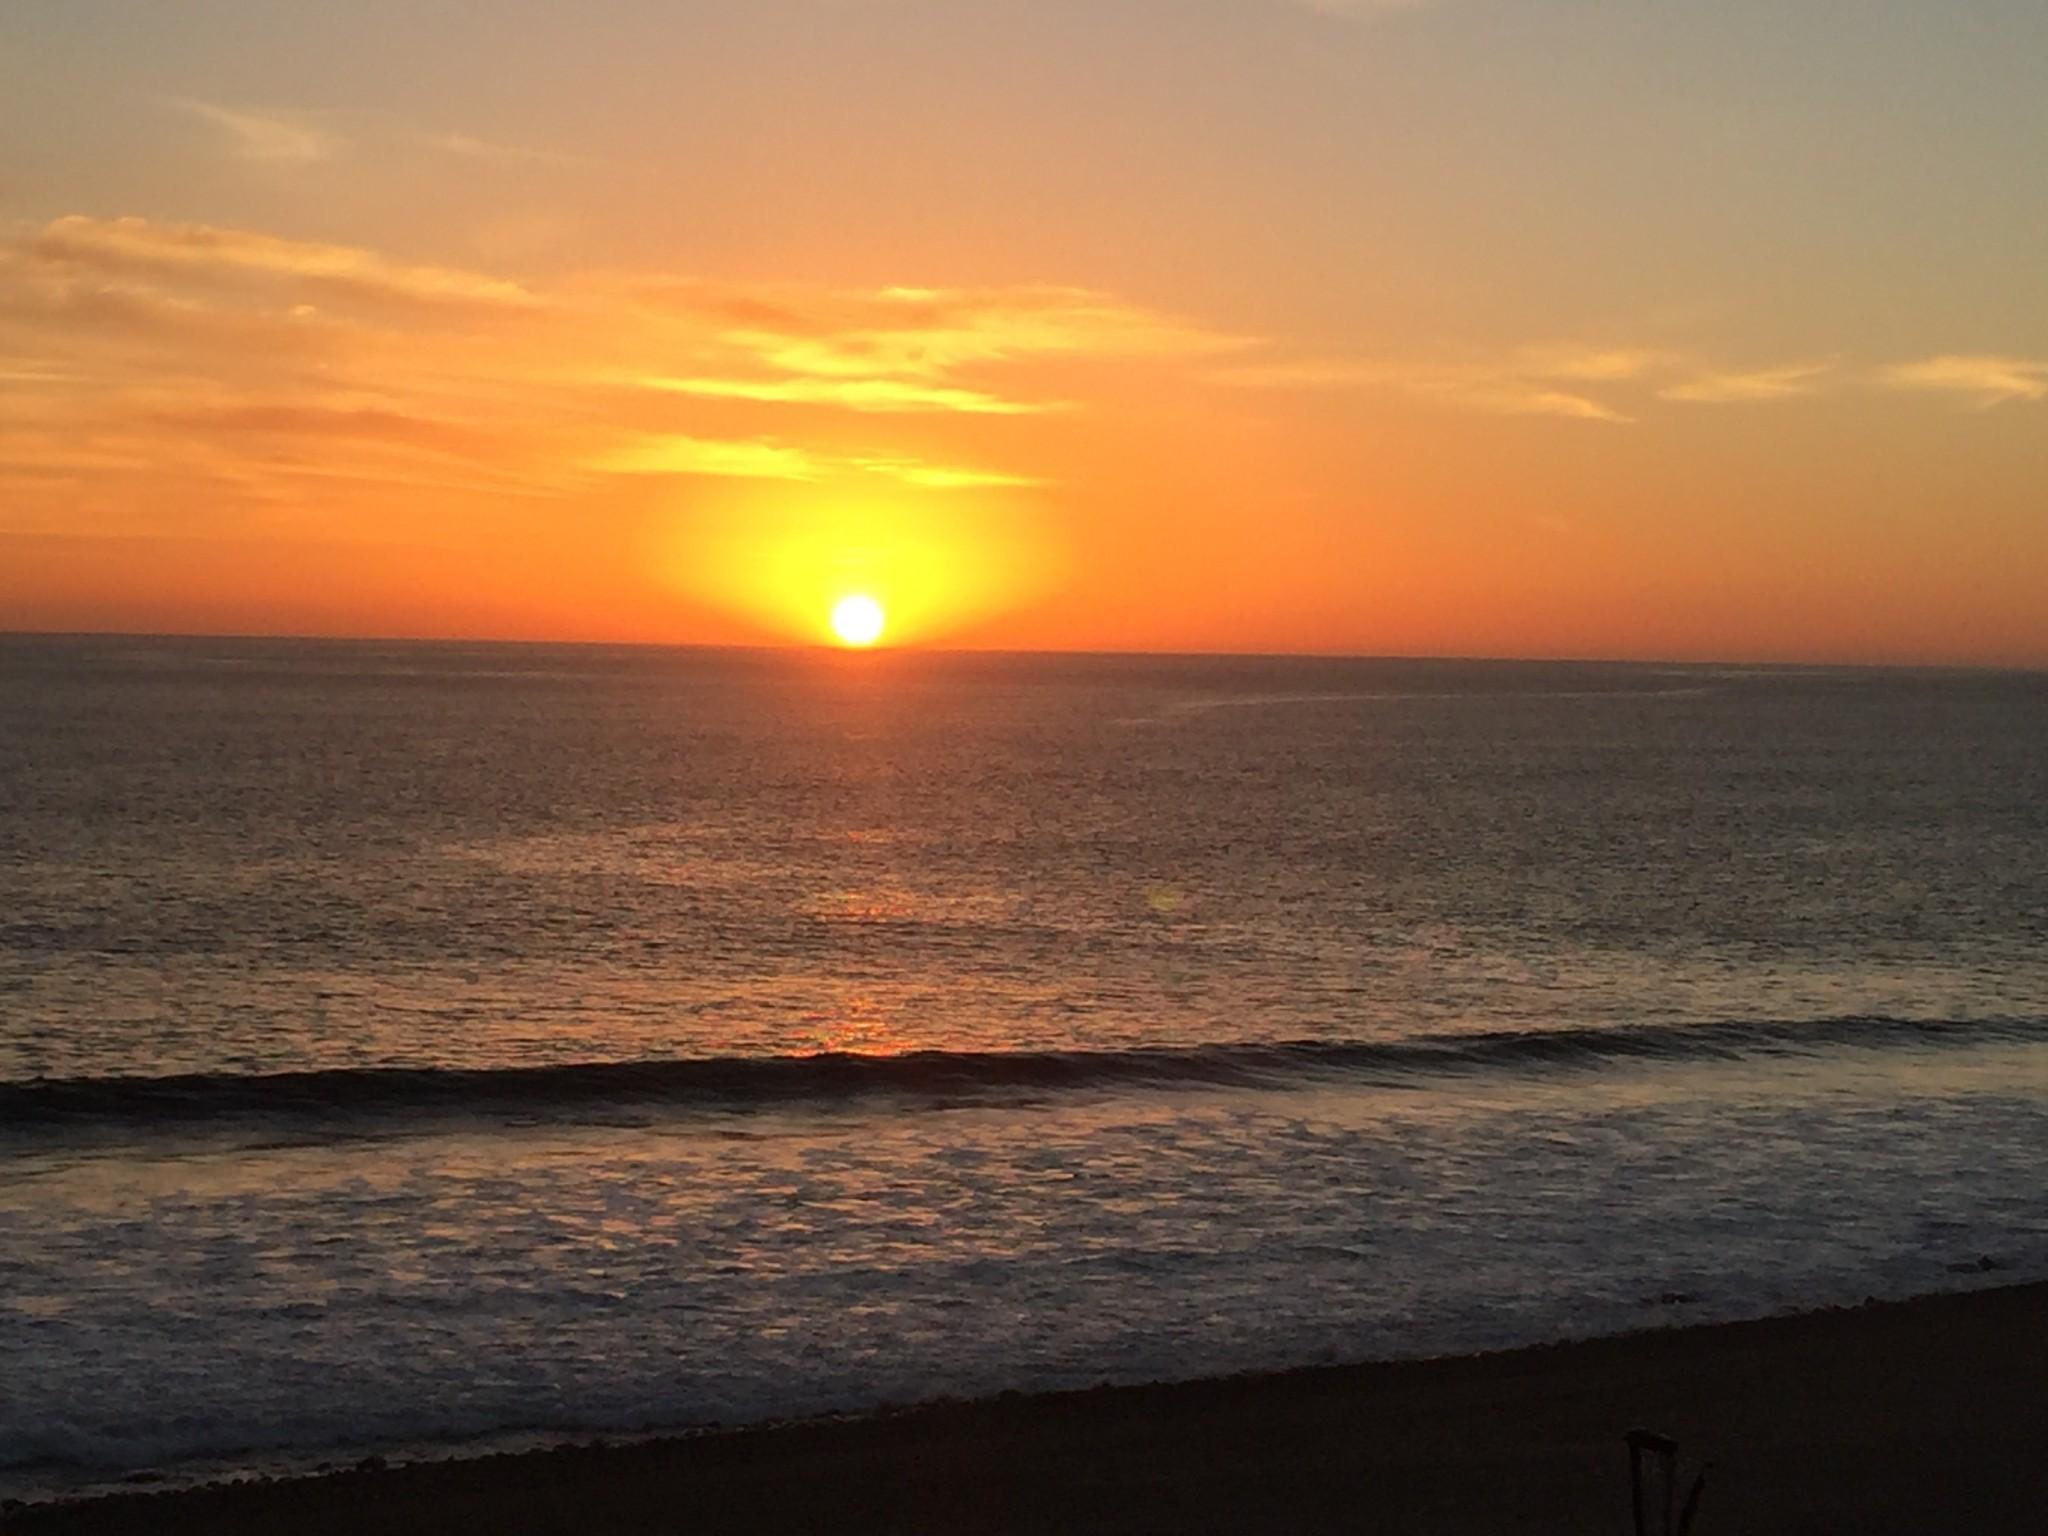 romantischer_Sonnenuntergang am Meer -bk-